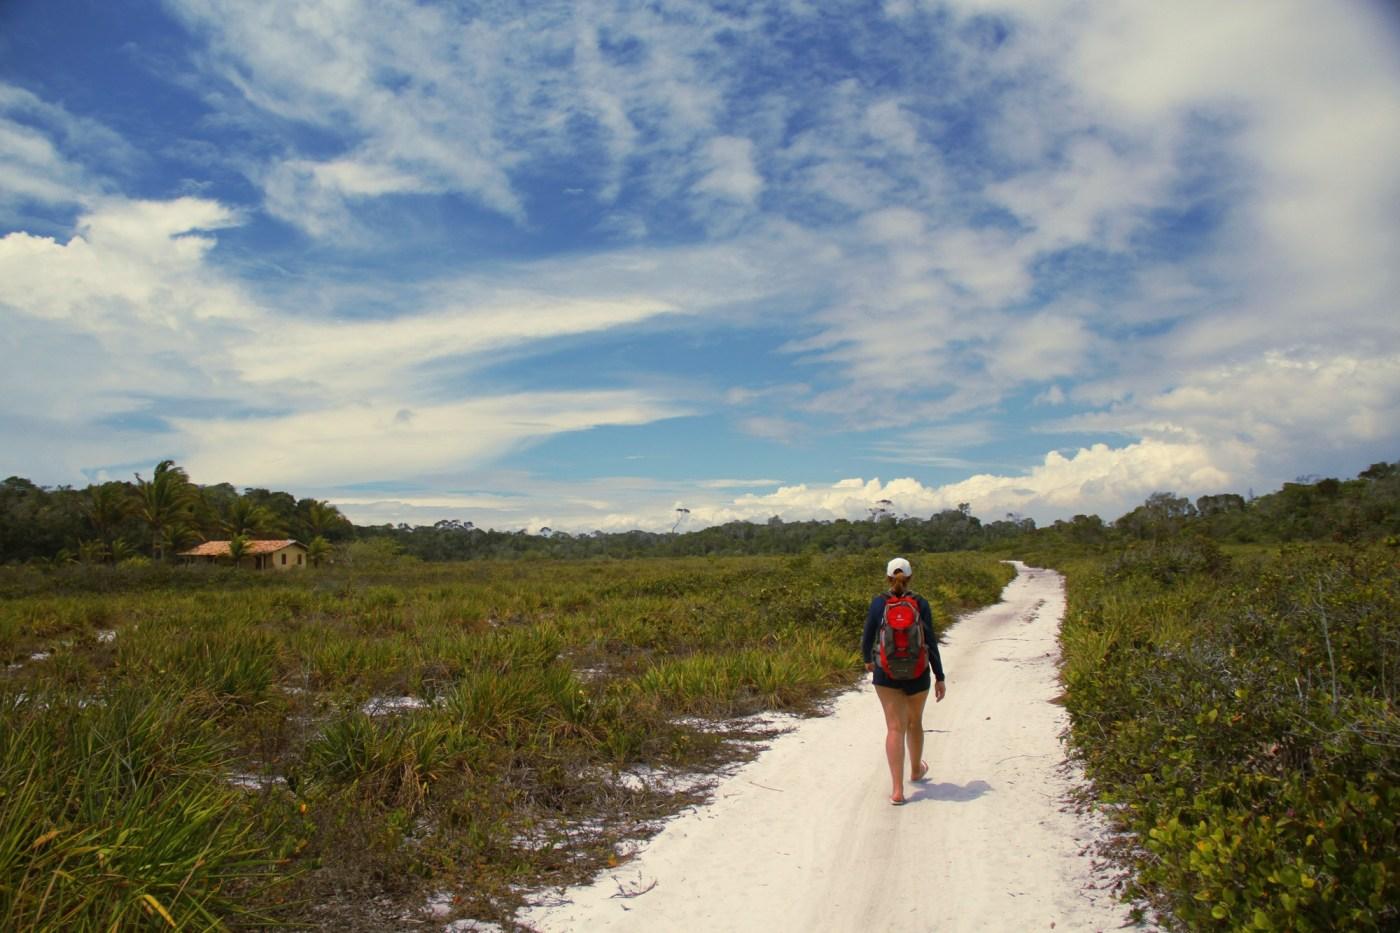 Trekking pela Praia do Espelho até Caraíva, no sul da Bahia (foto: Eduardo Vessoni)